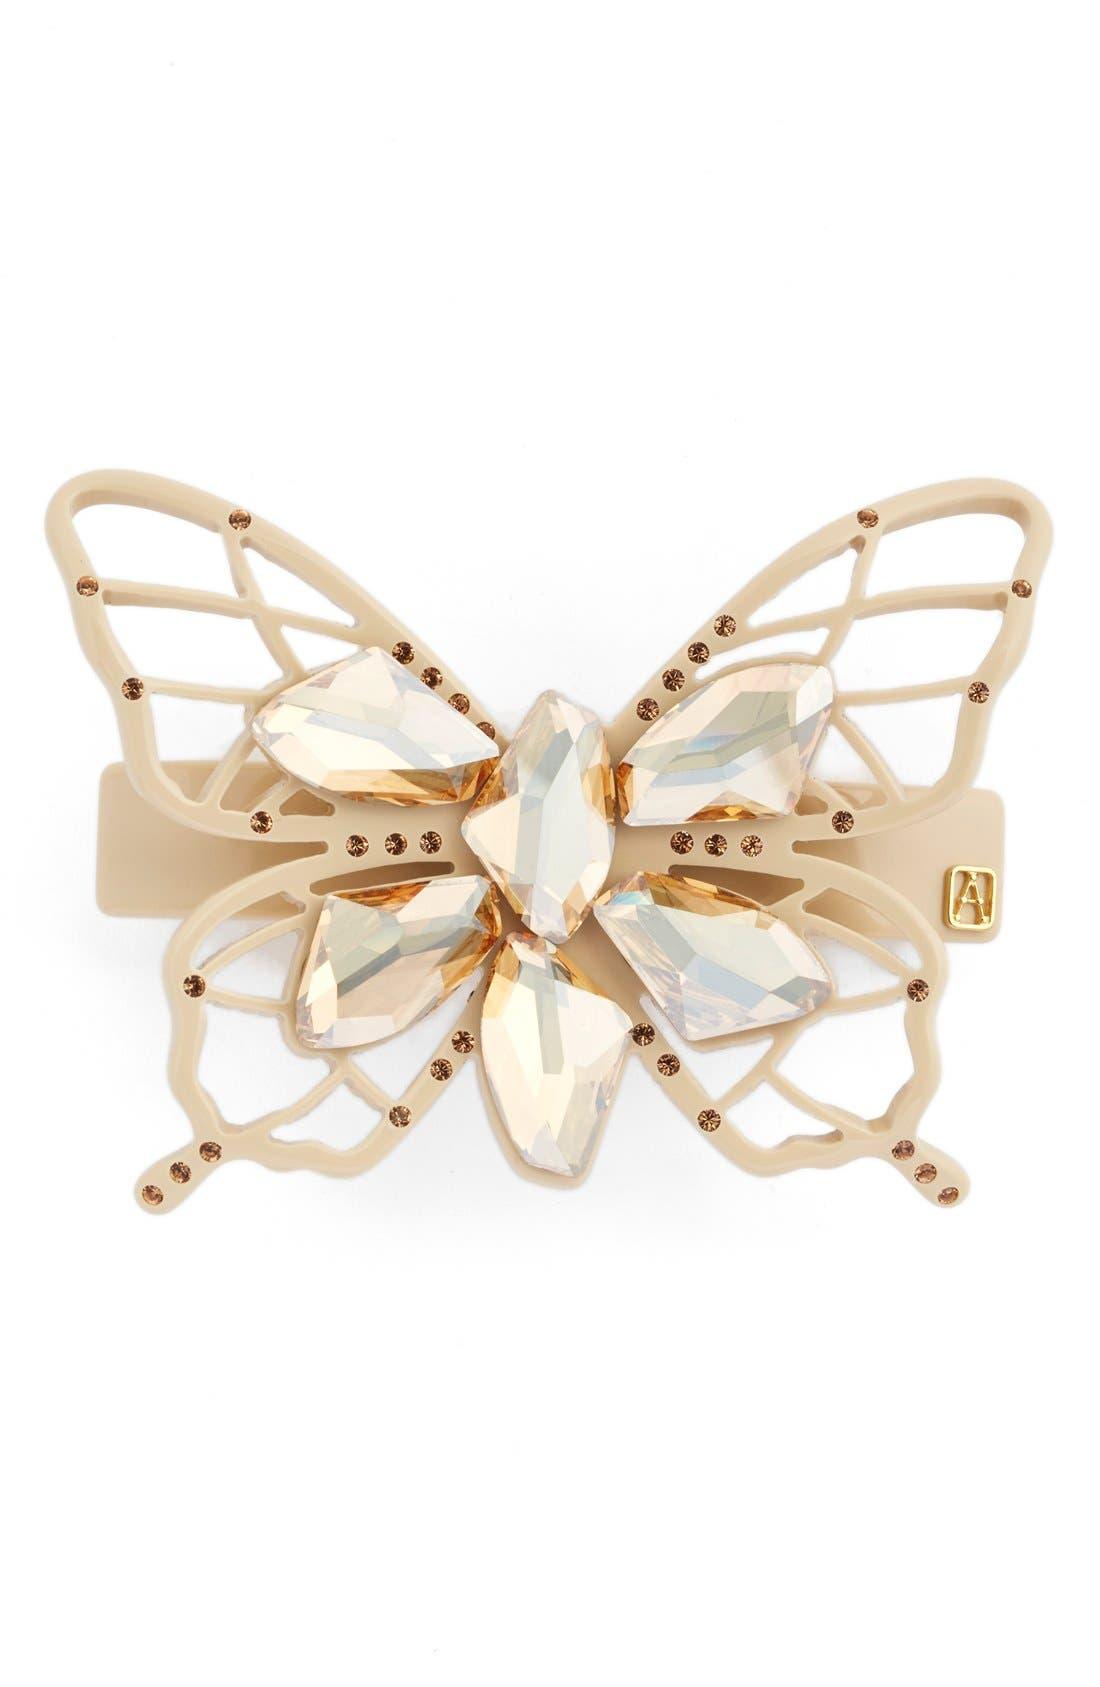 Alternate Image 1 Selected - Alexandre de Paris Butterfly Barrette